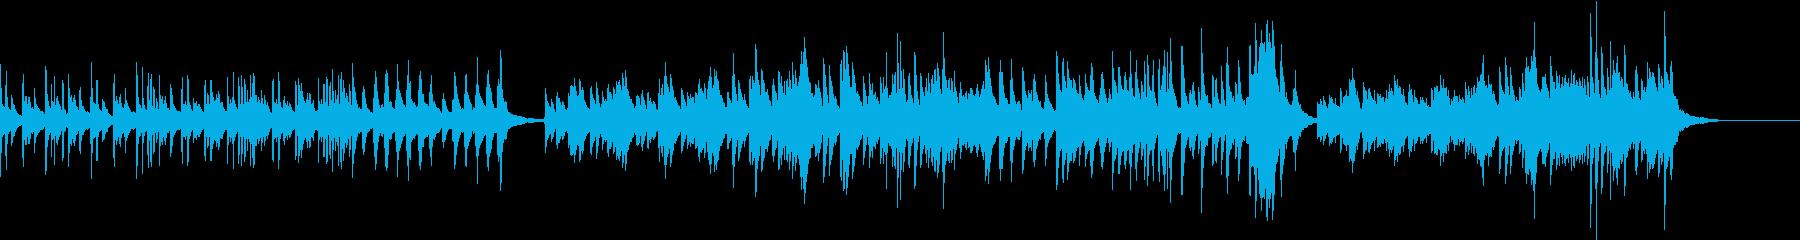 和風で少し切ないテンポ良い琴のソロ曲の再生済みの波形